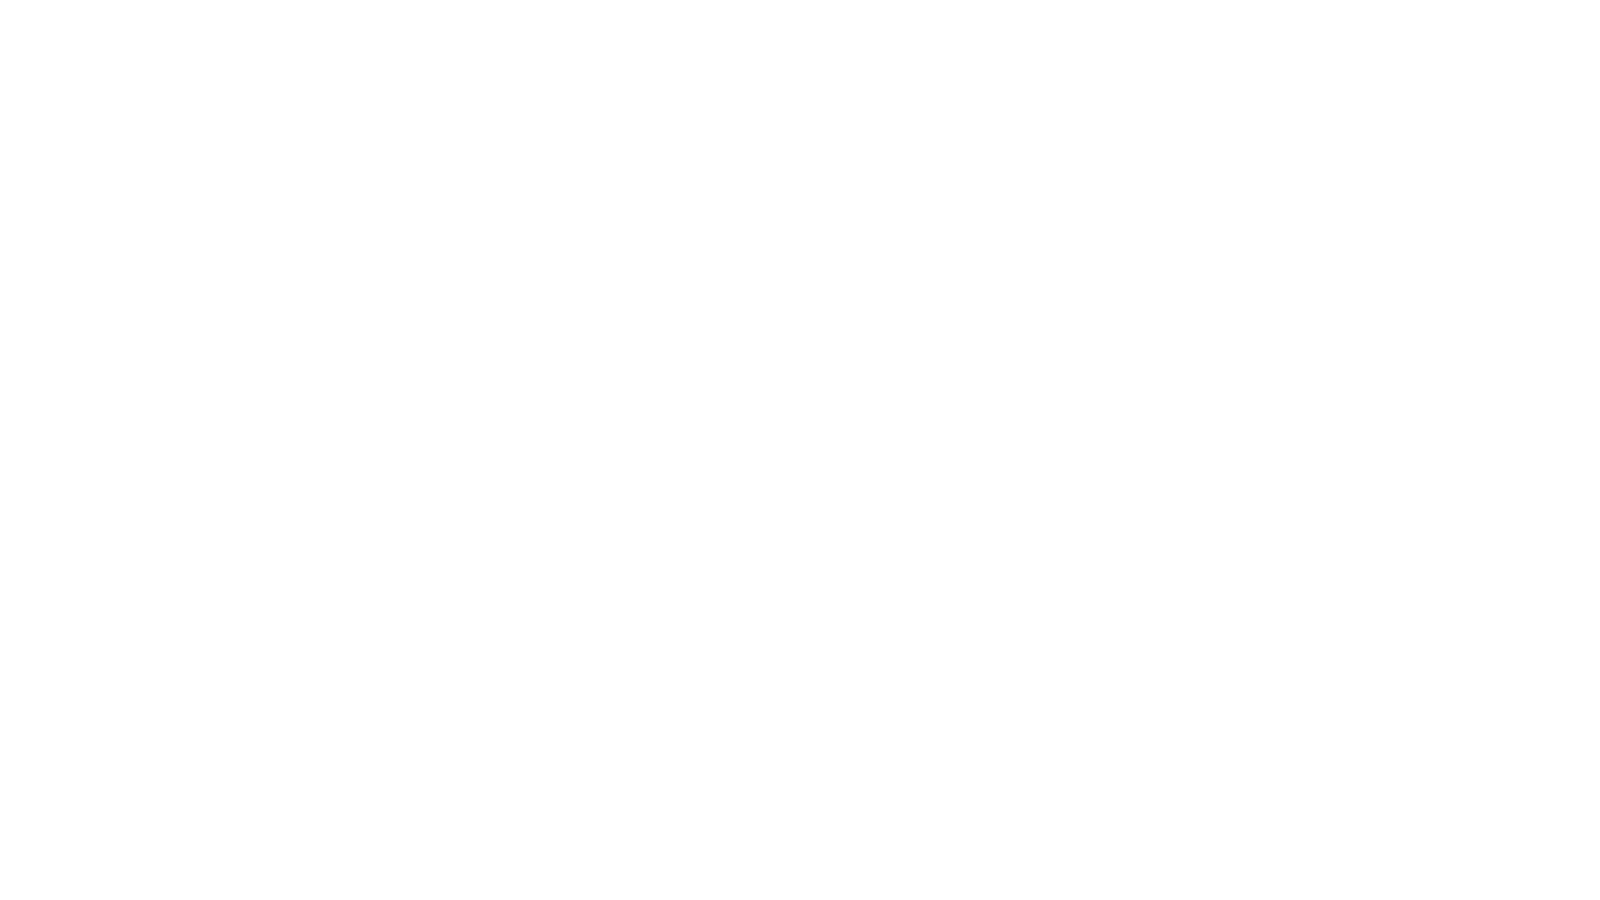 Du bist auf der Suche nach einem einfachen Osterkörbchen? 🐰 Dann ist dieses DIY-Körbchen genau das richtige für dich! 😊  Benötigtes Material: -Filz in zwei Farben - Kugelschreiber - Wäscheklammern - Bast - Kleber - schwarzen Stift - Lochzange  Viel Spaß beim Basteln :-)   Du hast Lust auf mehr DIY-Ideen und Bastelanleitungen? Dann schau unter https://www.tinkerhome.de/ vorbei!  Folge mir auch auf - Instagram: https://www.instagram.com/tinkerhome_/     (Nutzername: tinkerhome_) - Pinterest: https://www.pinterest.de/tinkerhome_DIY/_created/      (Nutzername: Tinkerhome) - Facebook: https://www.facebook.com/DIYbyTinkerhome/     (Nutzername: Tinkerhome) - TikTok: https://www.tiktok.com/@tinkerhome?lang=de     (Nutzername: tinkerhome)